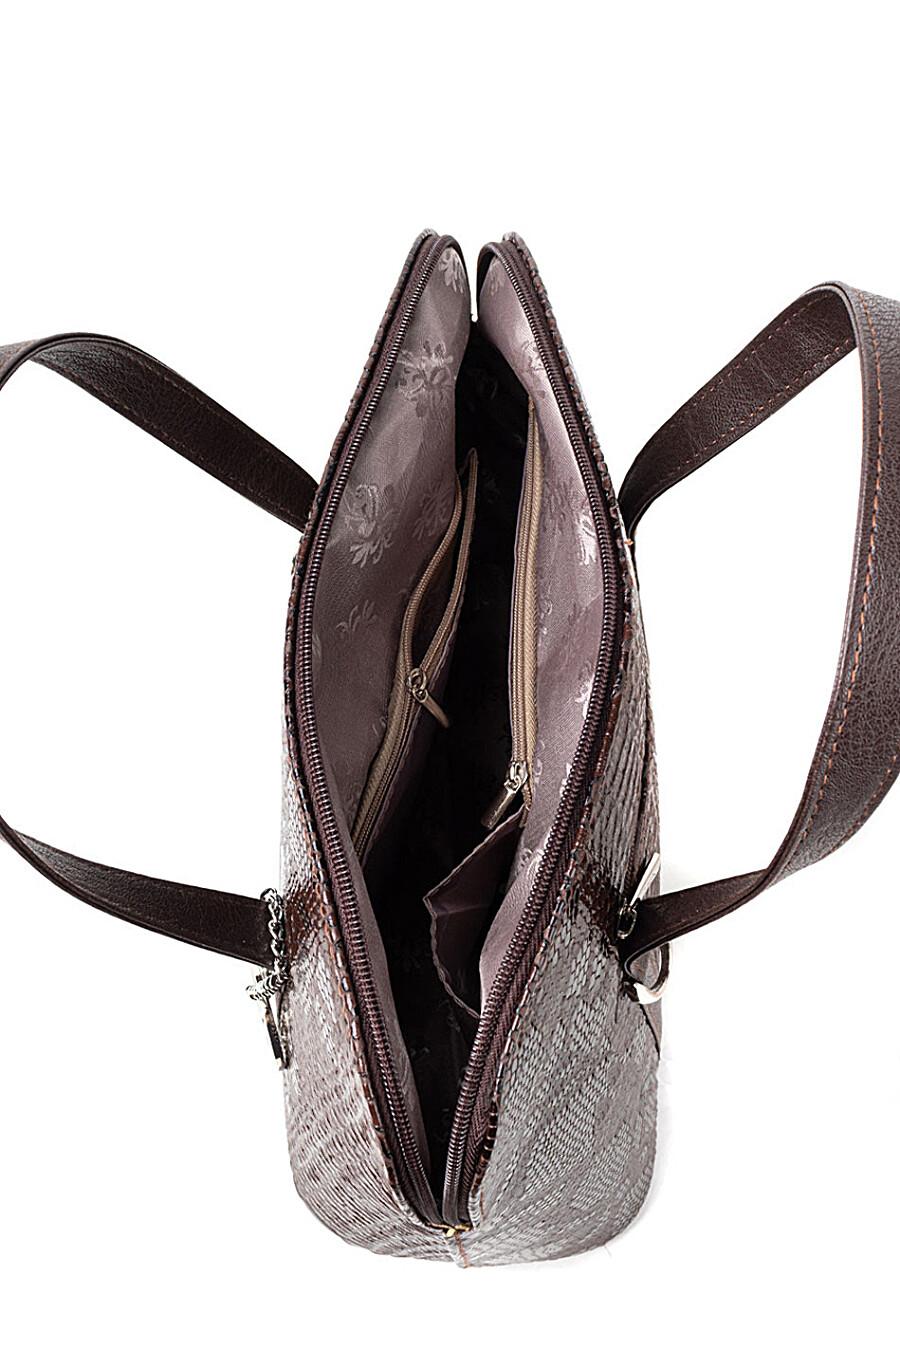 Сумка для женщин L-CRAFT 260342 купить оптом от производителя. Совместная покупка женской одежды в OptMoyo